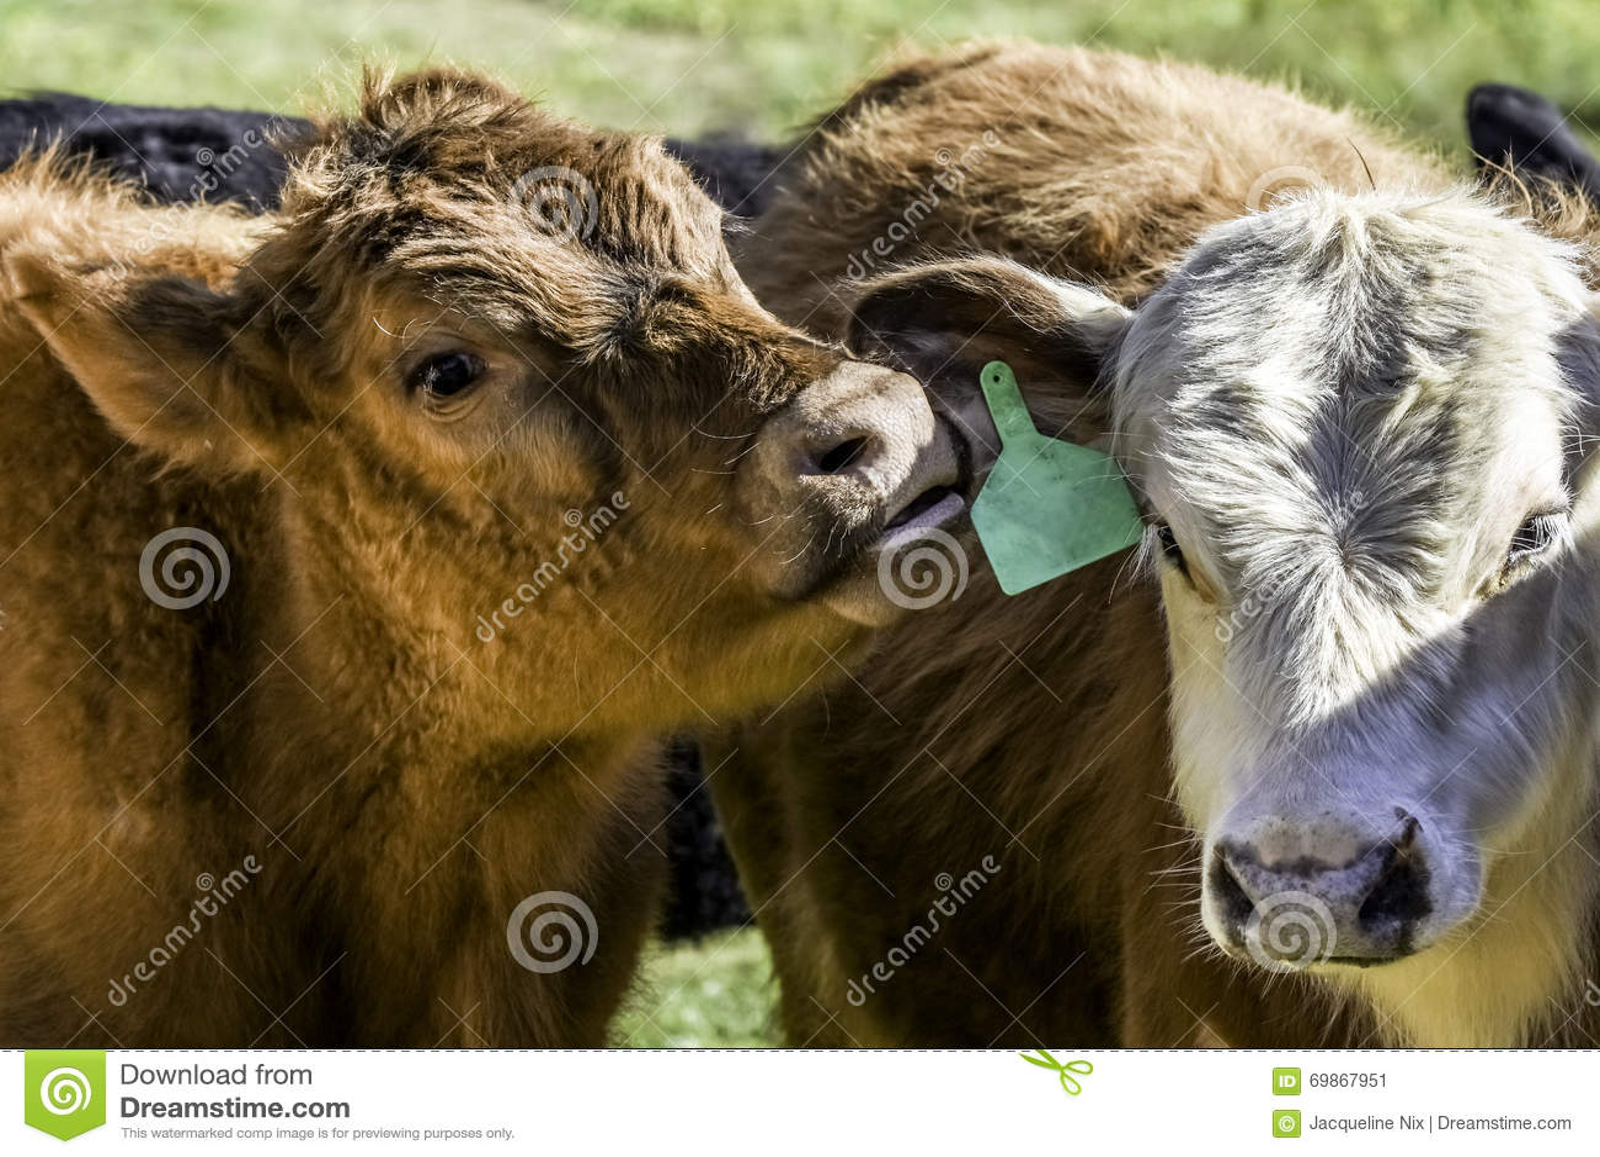 Vitela vermelha que nuzzling a orelha de uma outra vitela